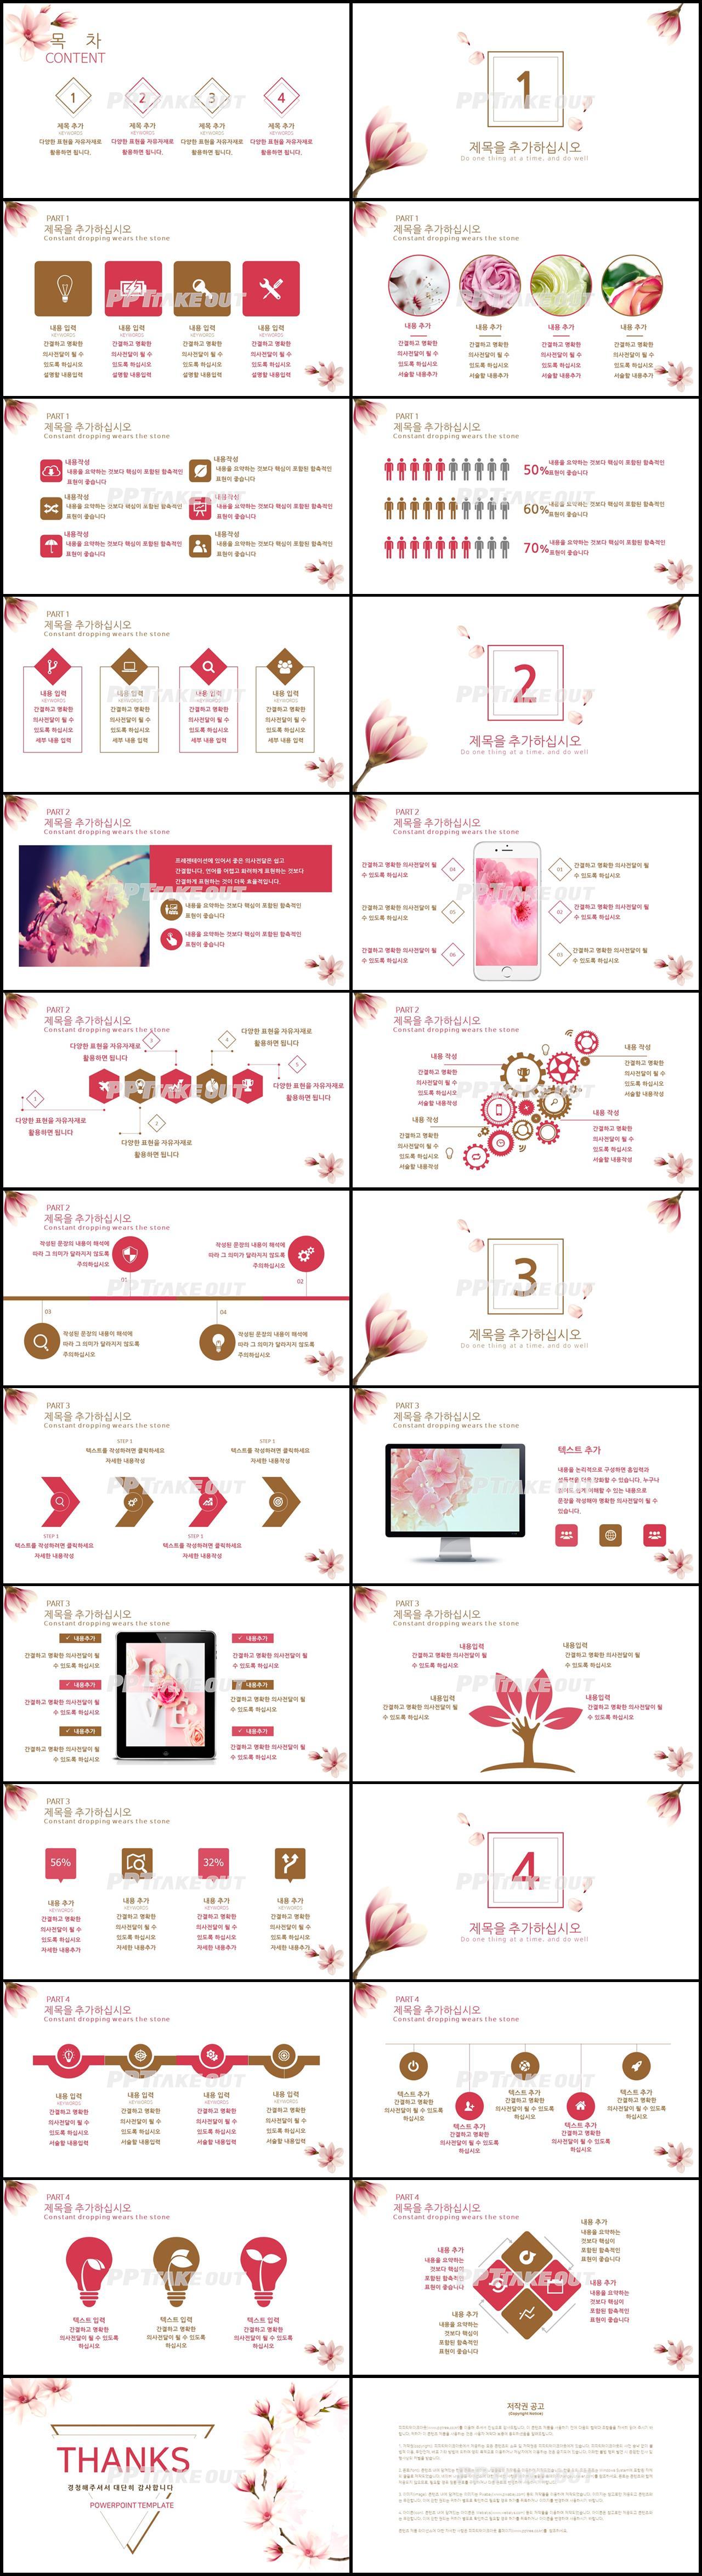 꽃과 동식물 주제 분홍색 예쁜 발표용 파워포인트샘플 다운 상세보기